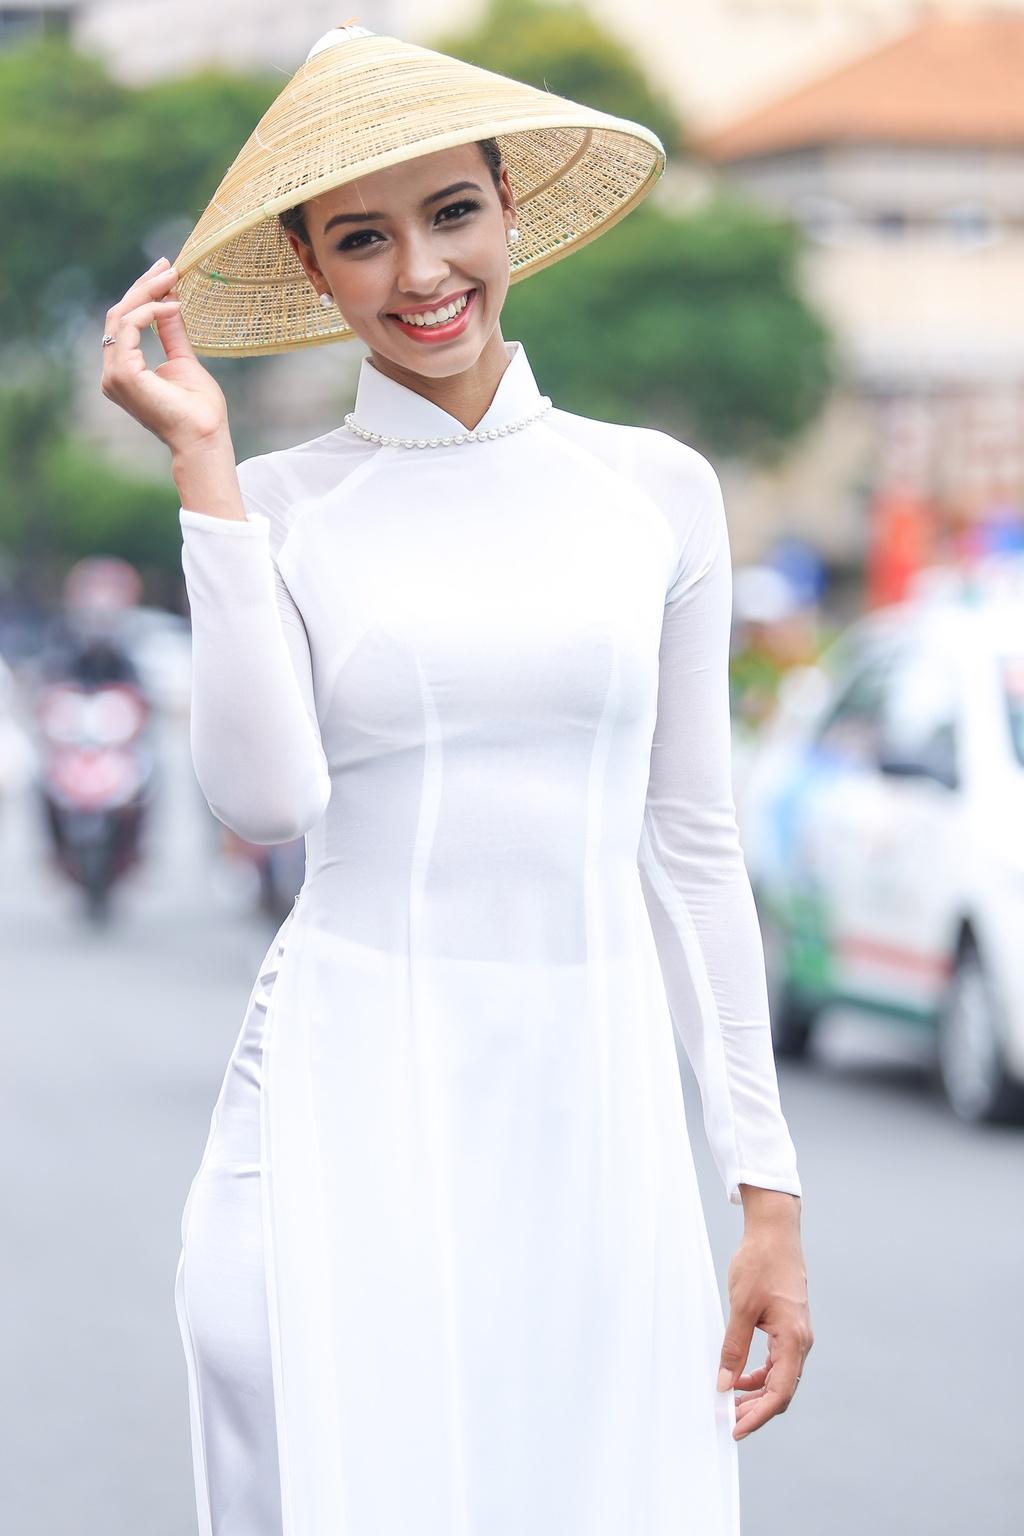 A hau Hoan vu 2015 dien ao dai trang dao pho Sai thanh hinh anh 3